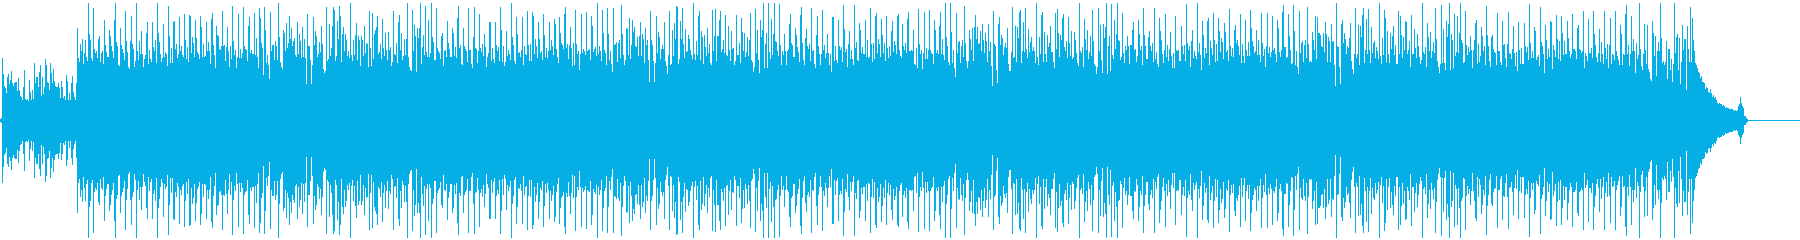 爽やかギターロックなBGMの再生済みの波形